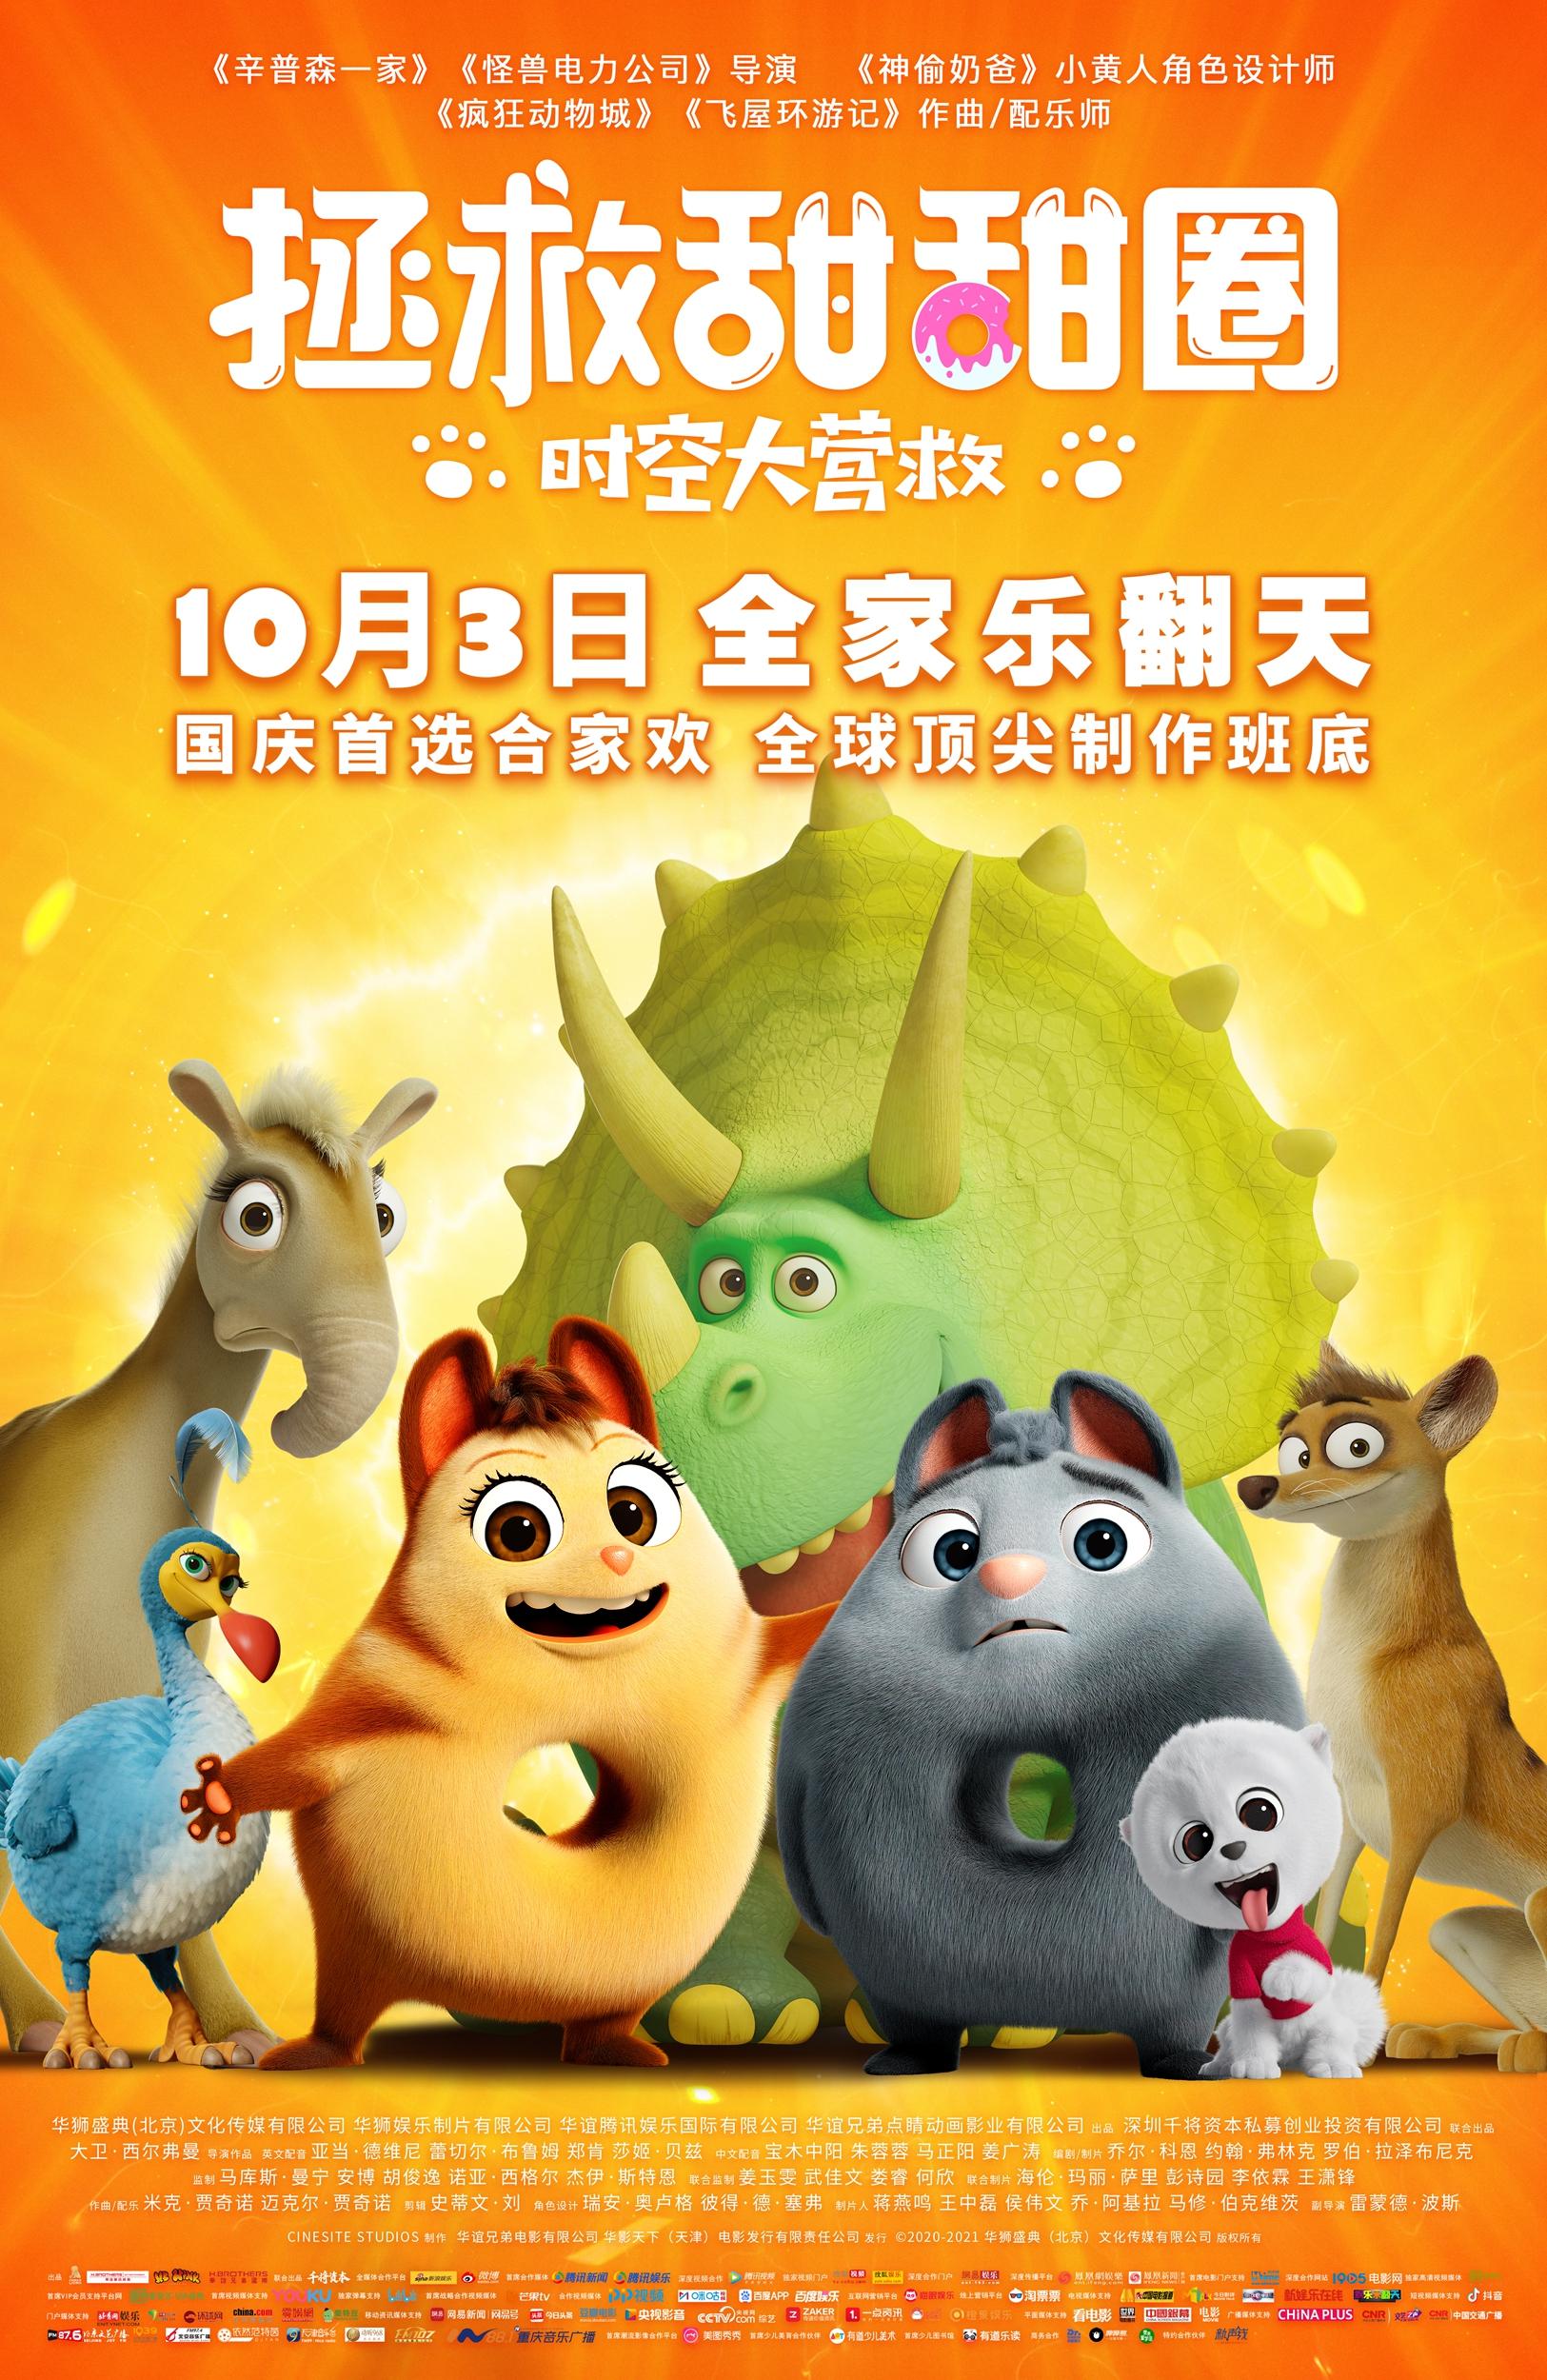 [繁中]拯救甜甜圈:時空大營救(1080P)絕種動物大冒險